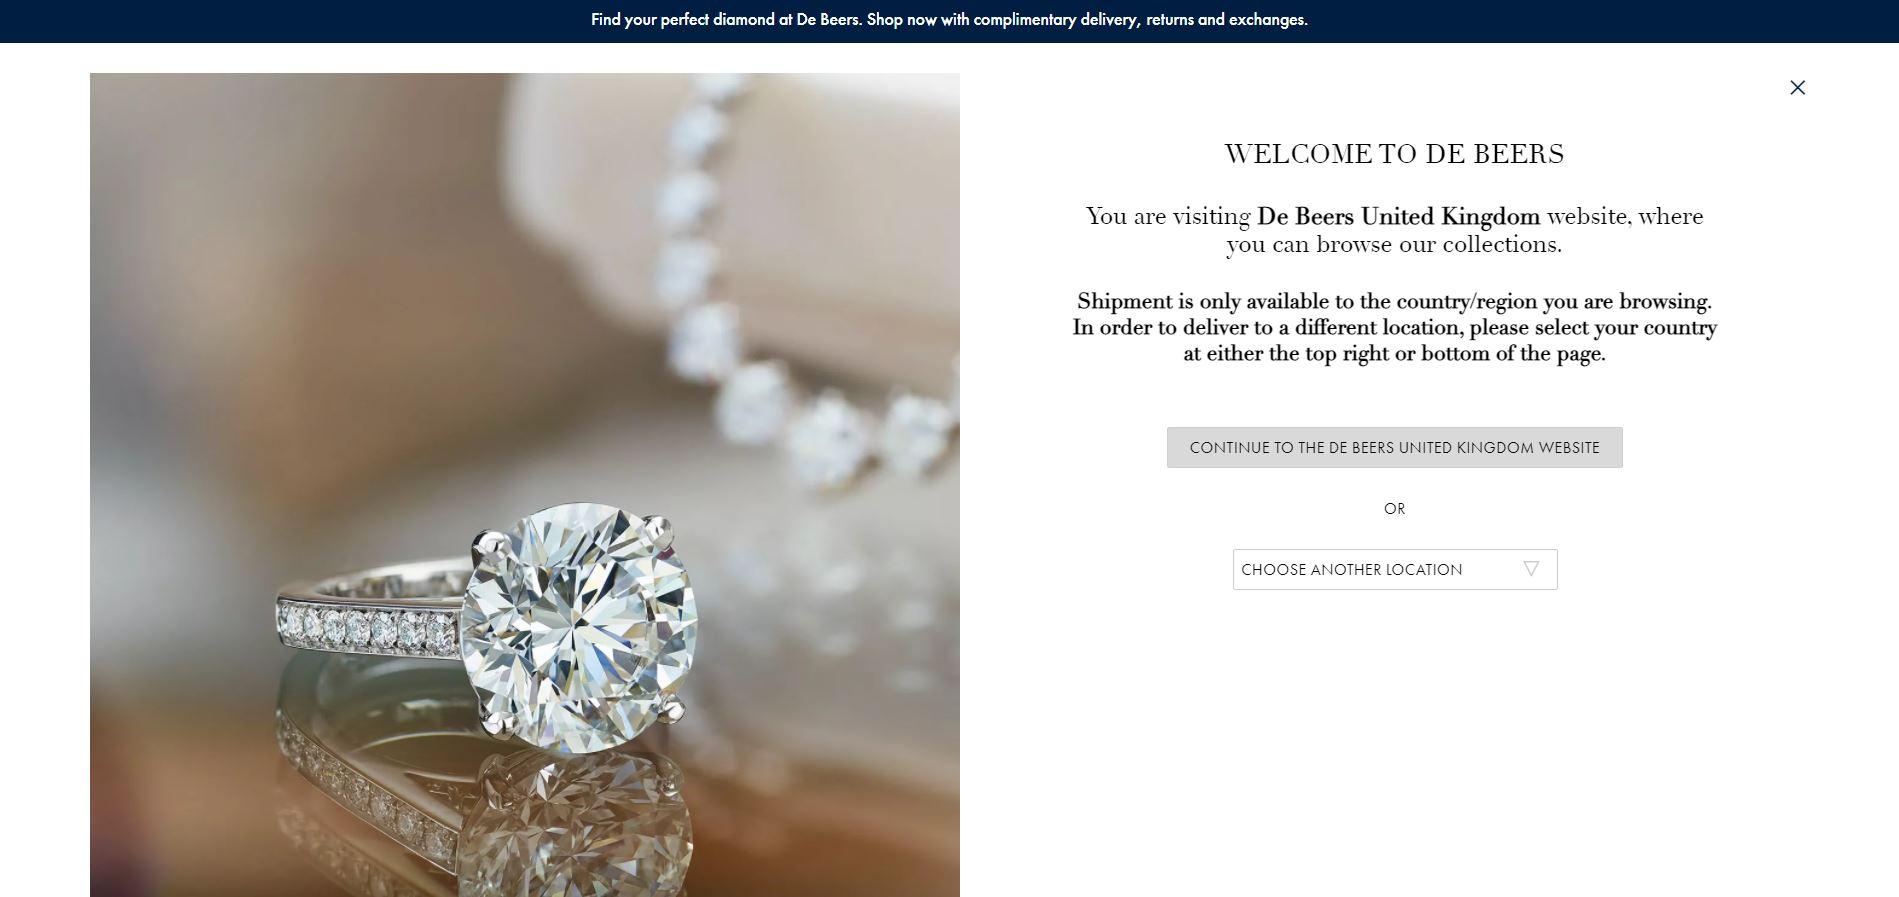 The De Beers jeweler